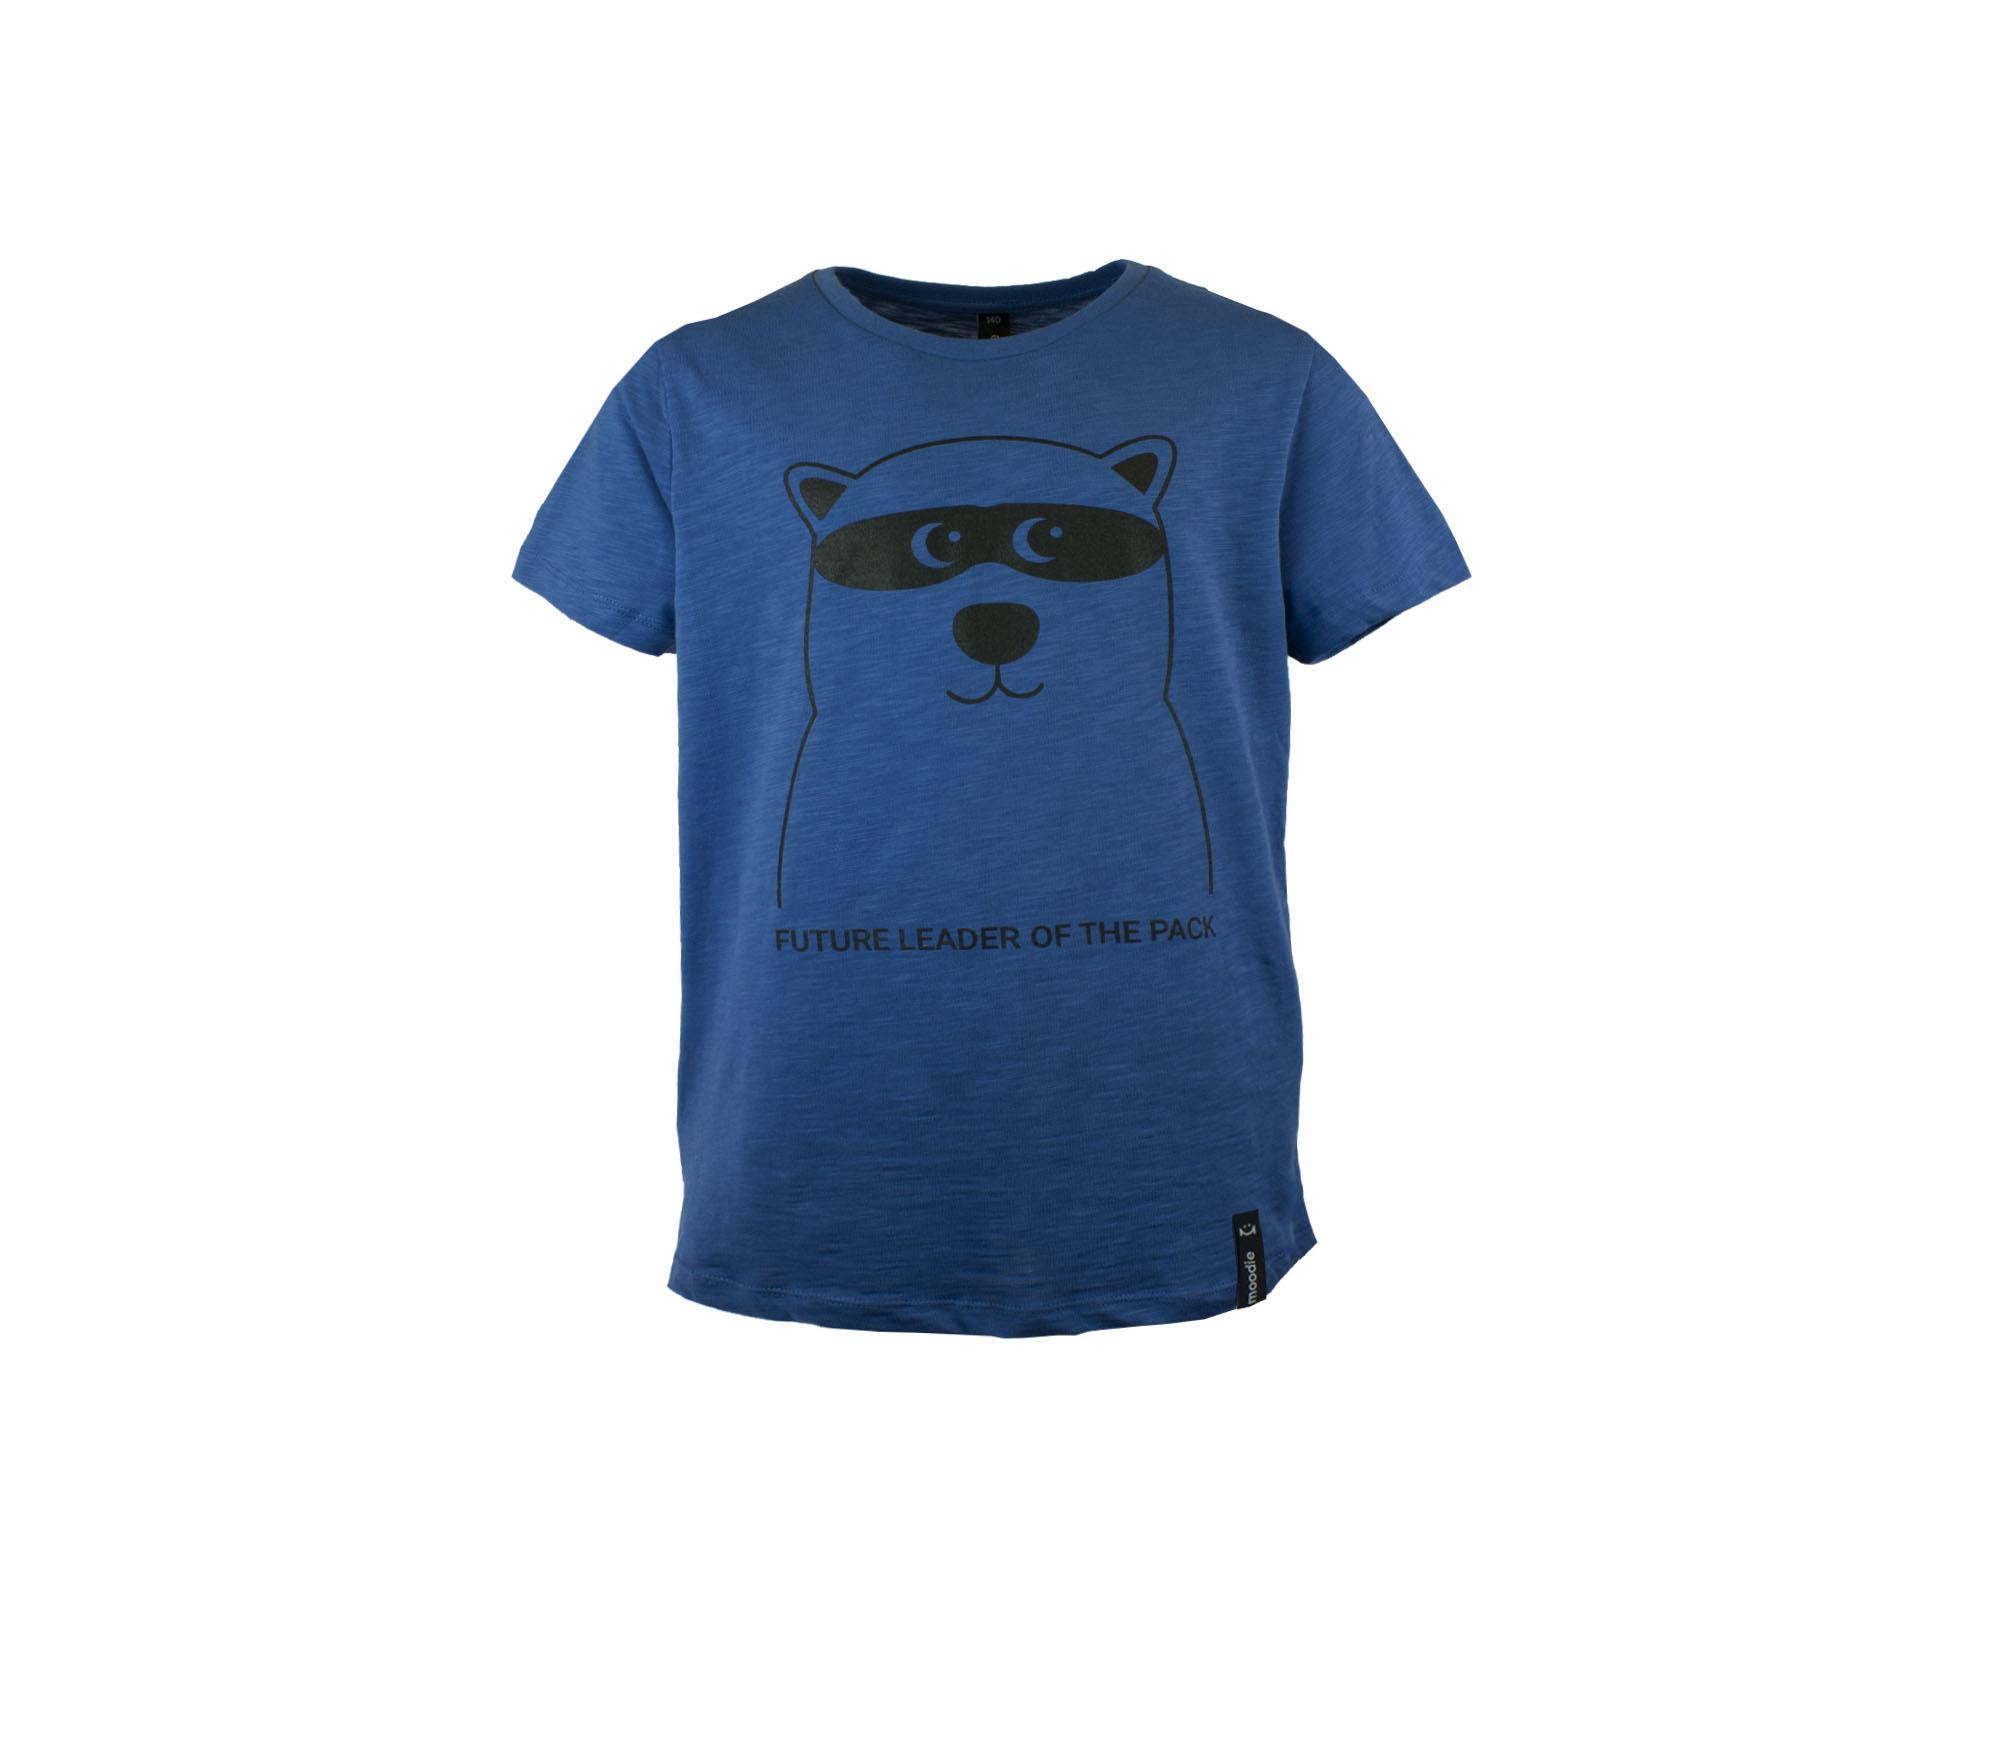 T-shirt barn blå med zip björn- Marley